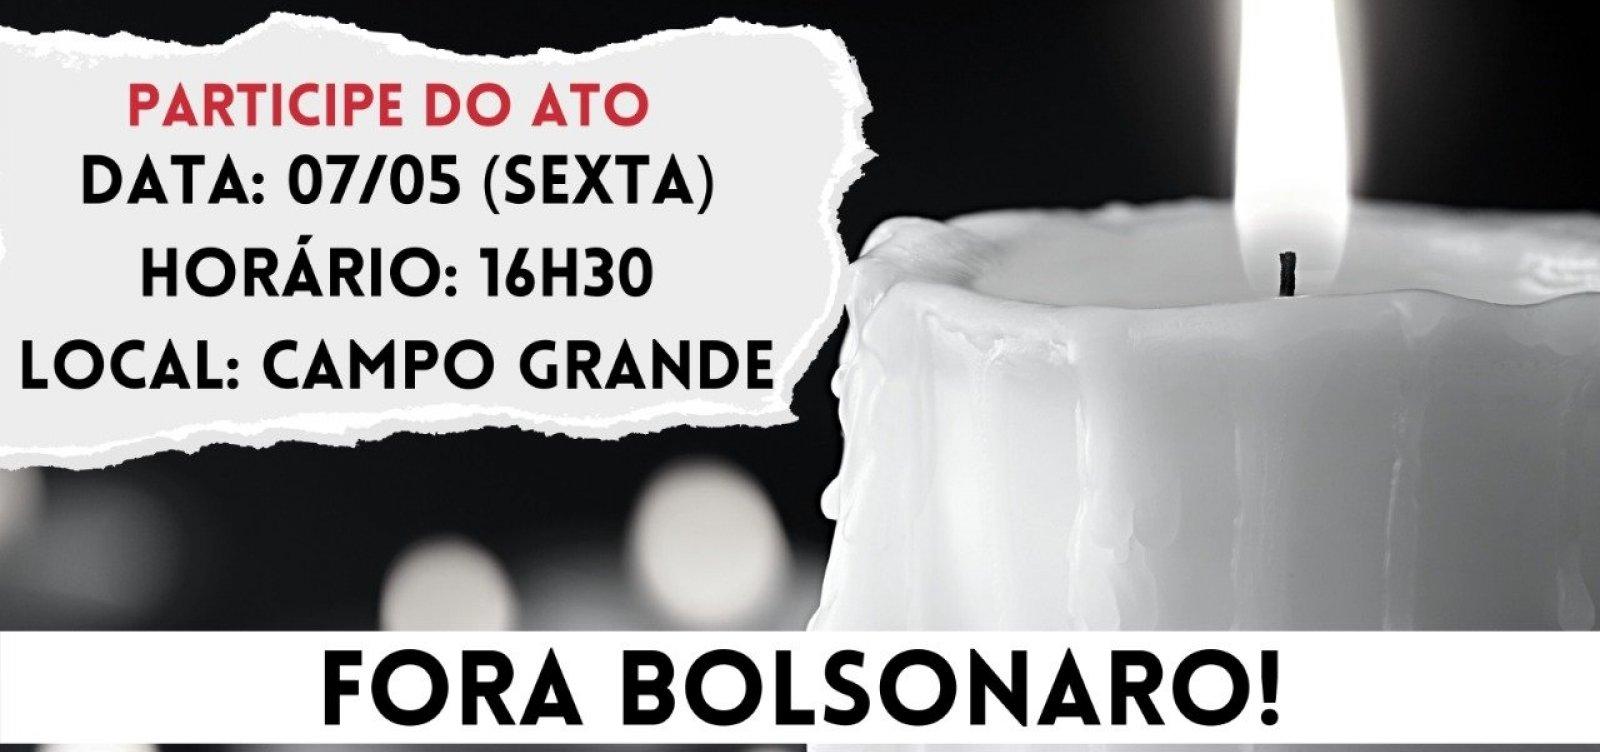 Com 'protocolo antiaglomeração', movimento faz protesto contra Bolsonaro no Campo Grande